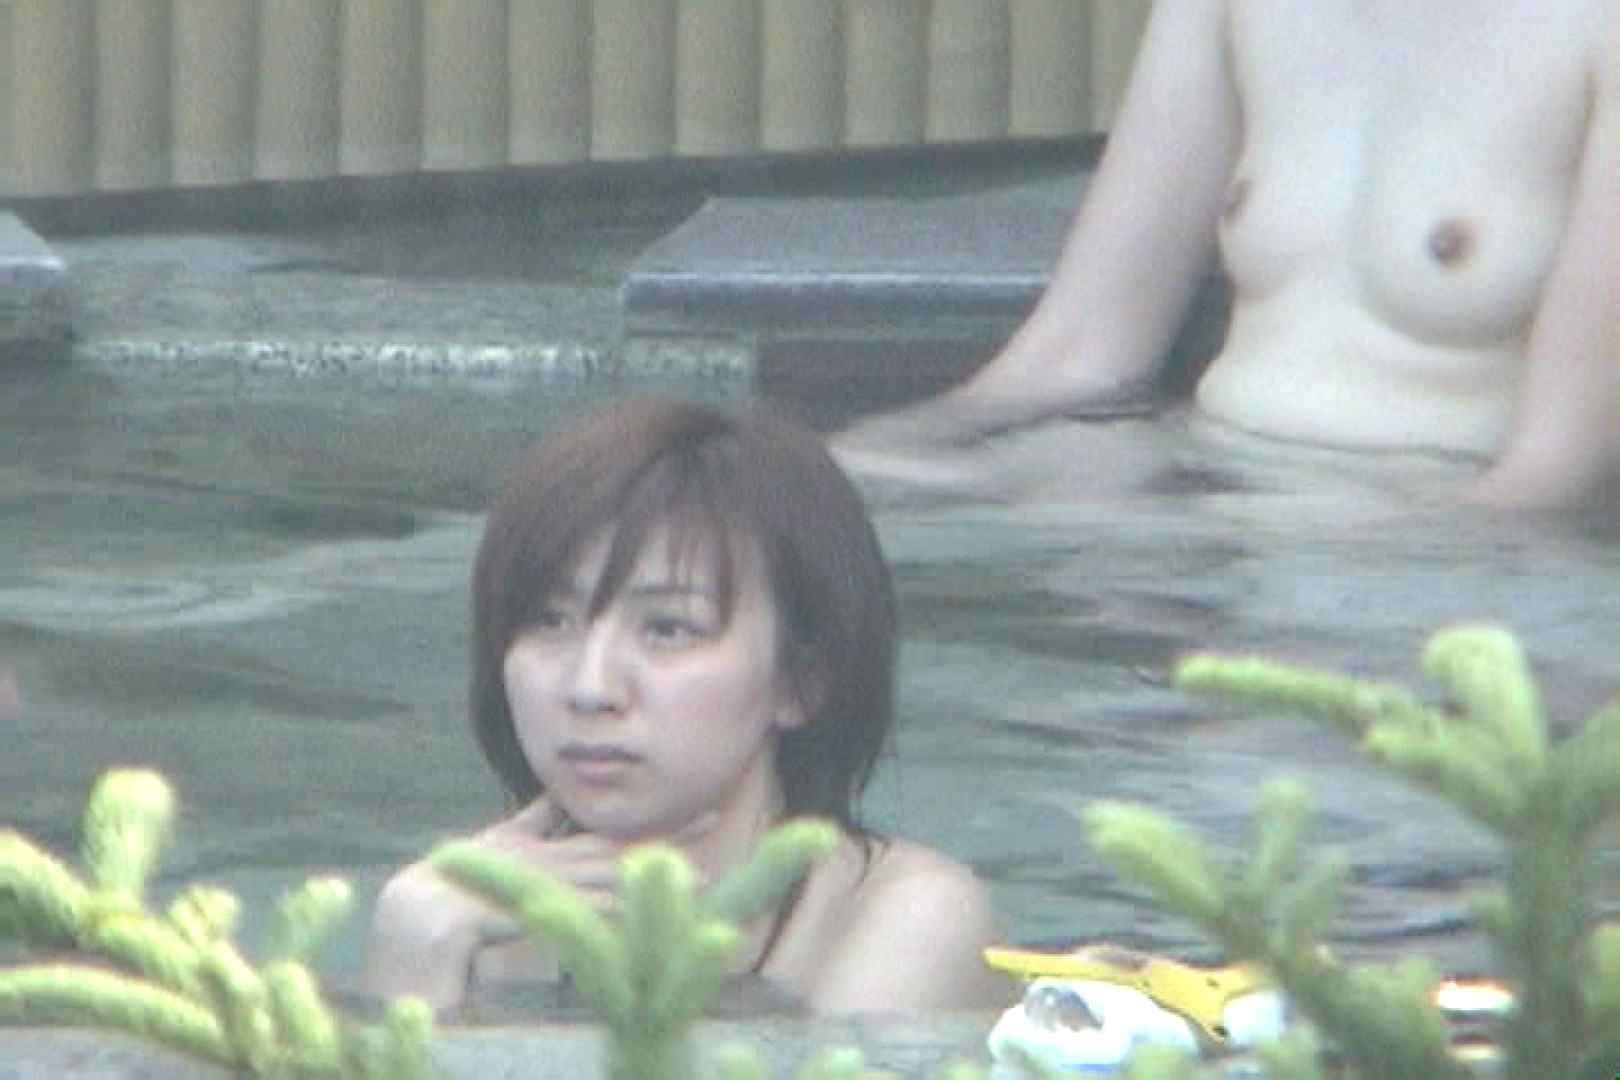 Aquaな露天風呂Vol.77【VIP限定】 盗撮  107画像 9